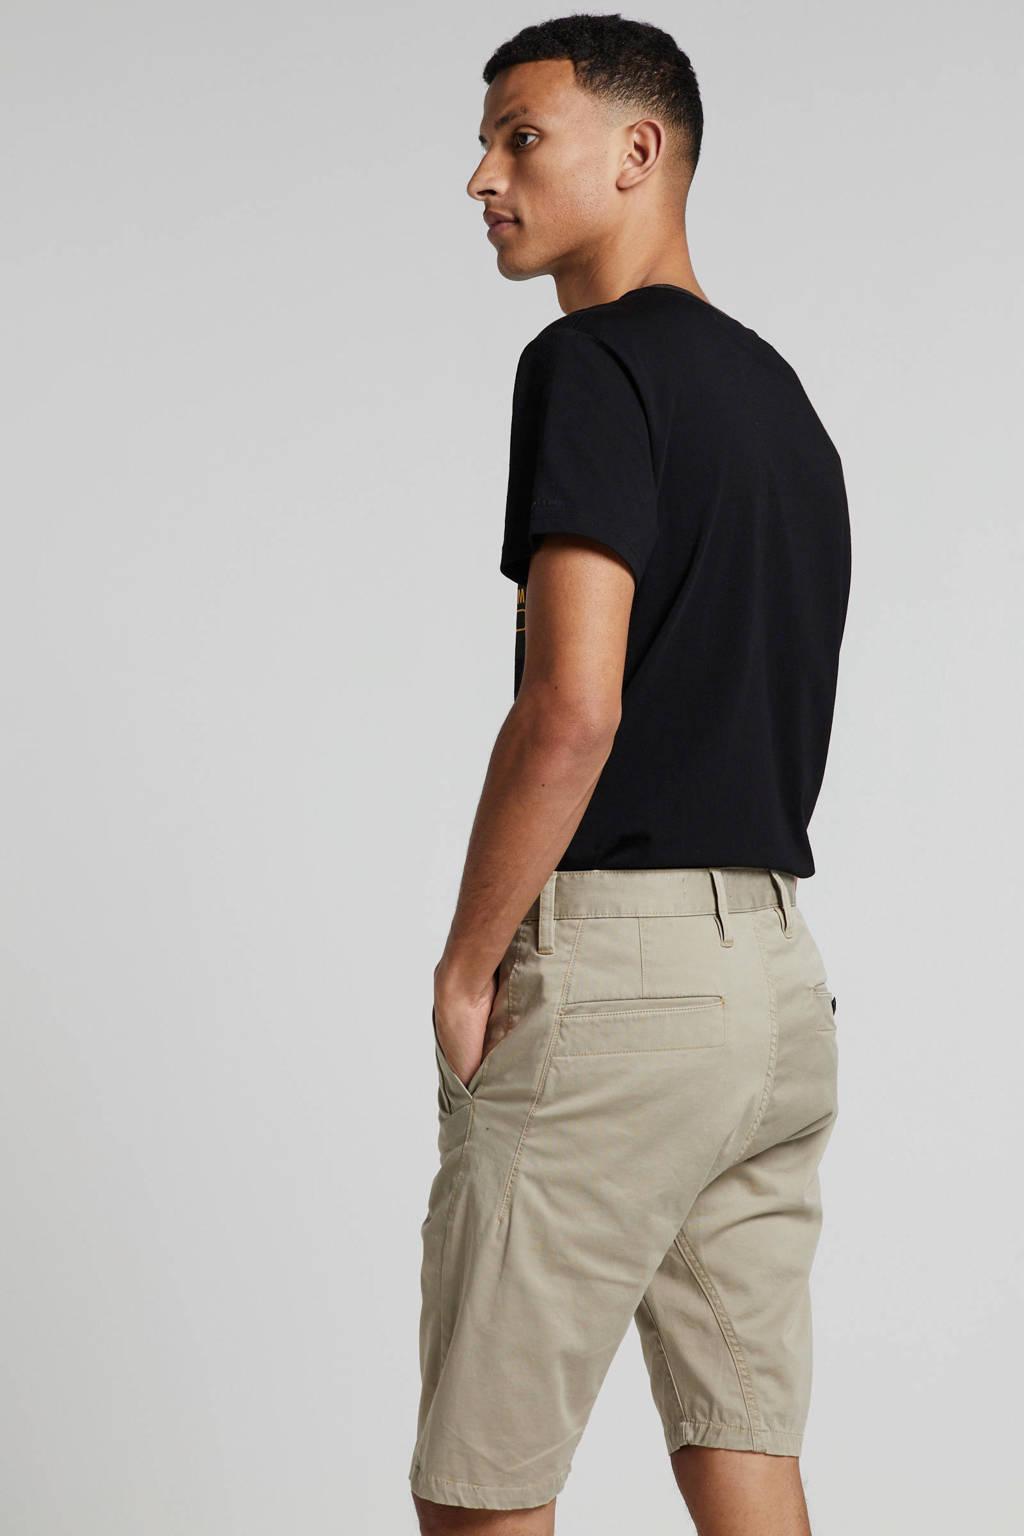 G-Star RAW T-shirt met logo zwart, Zwart